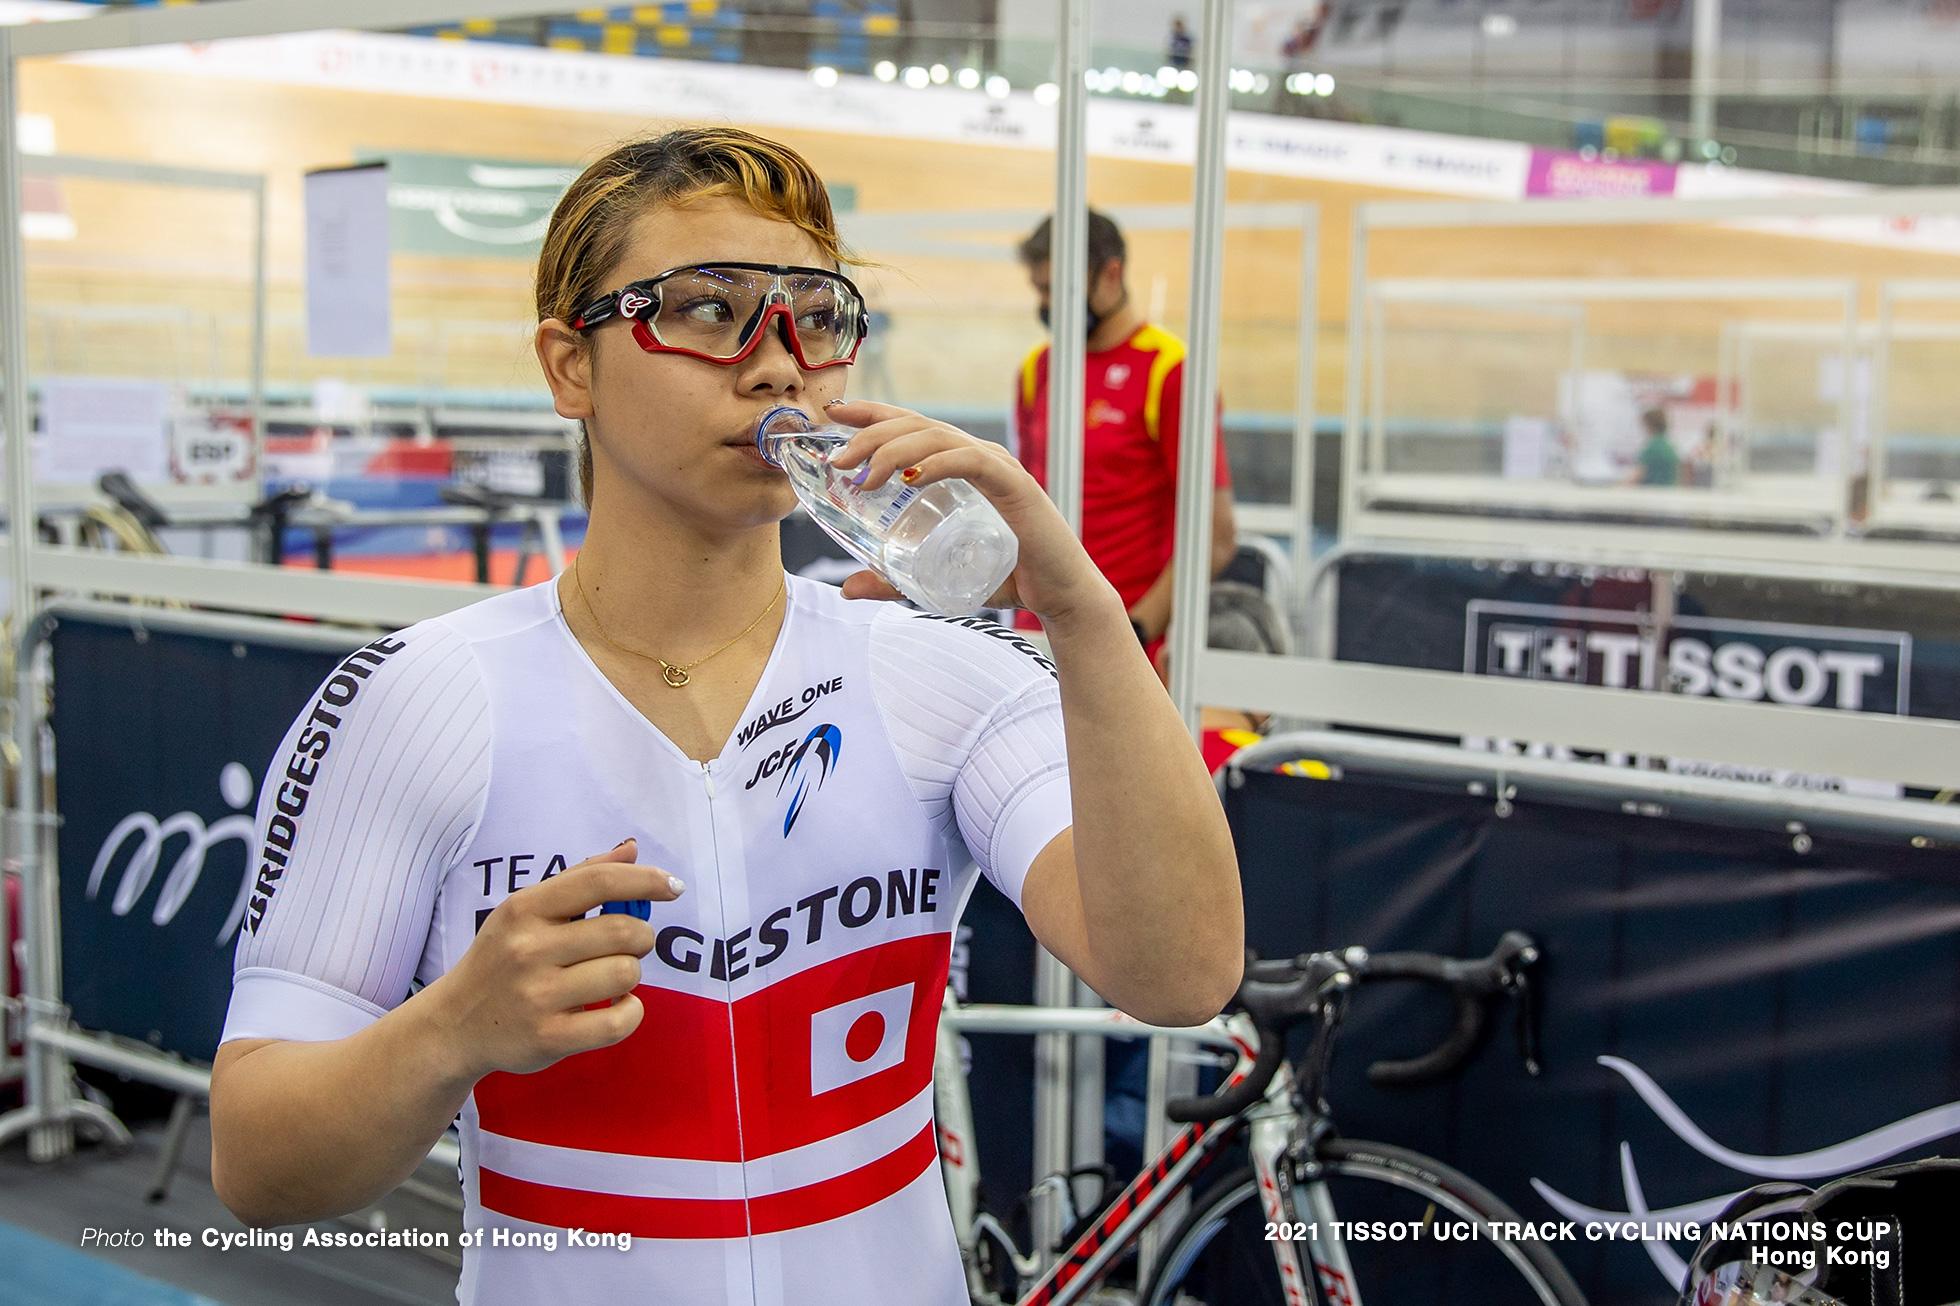 太田りゆ, Women's Sprint, TISSOT UCI TRACK CYCLING NATIONS CUP - HONG KONG